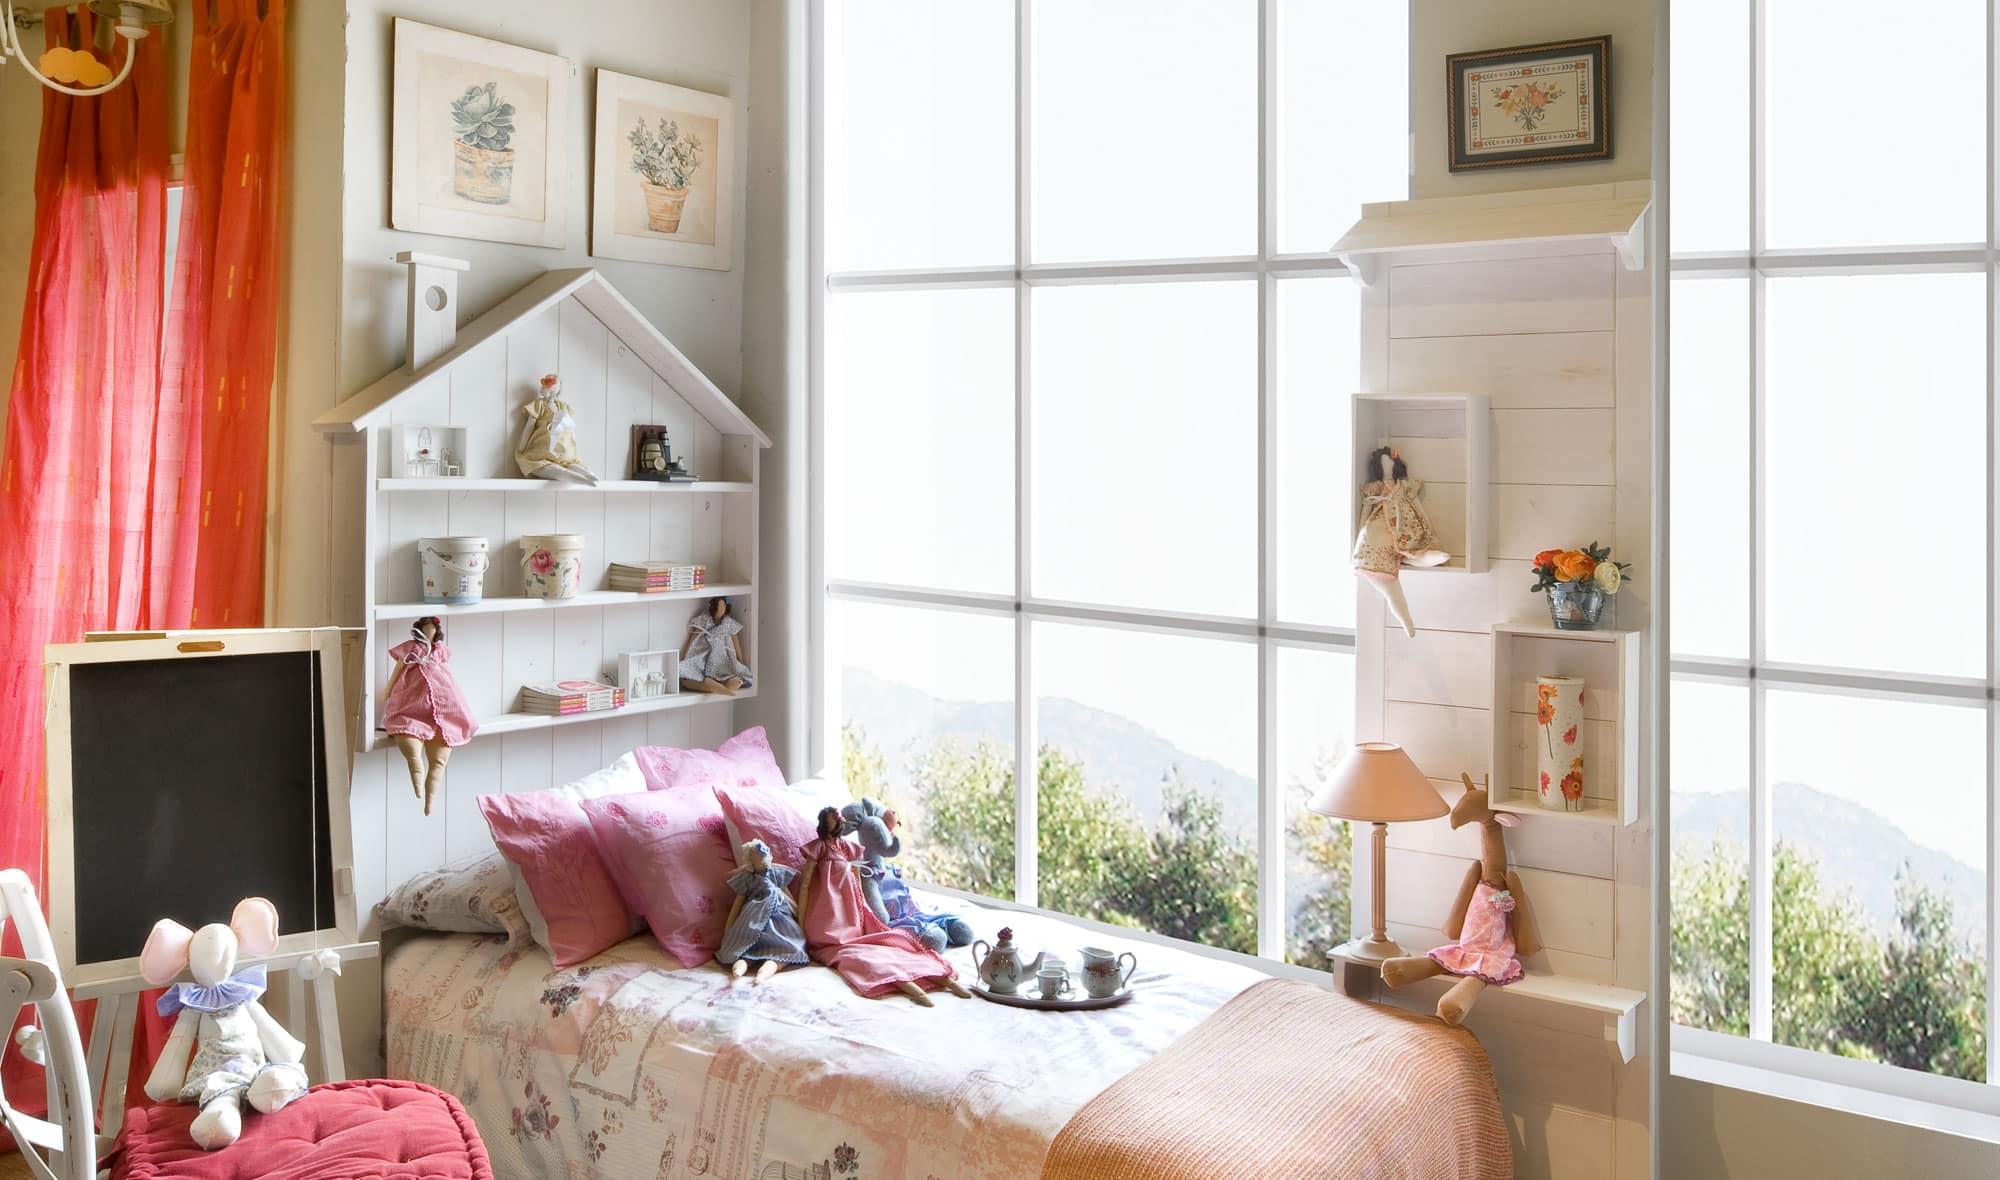 Cabeceros originales y baratos para dormitorios infantiles - Camas infantiles originales ...